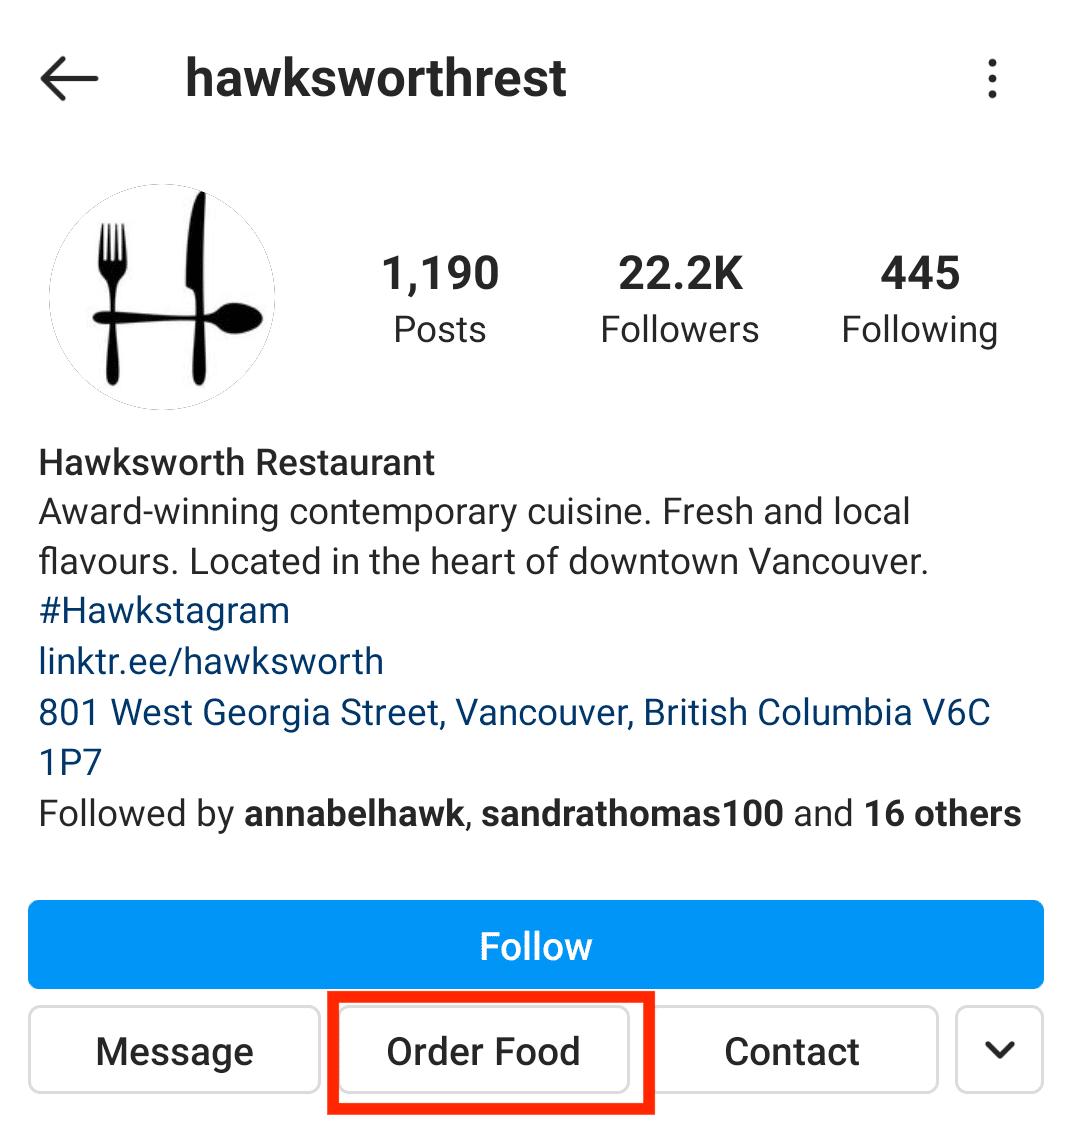 Hawksworth Restaurant Order Food button